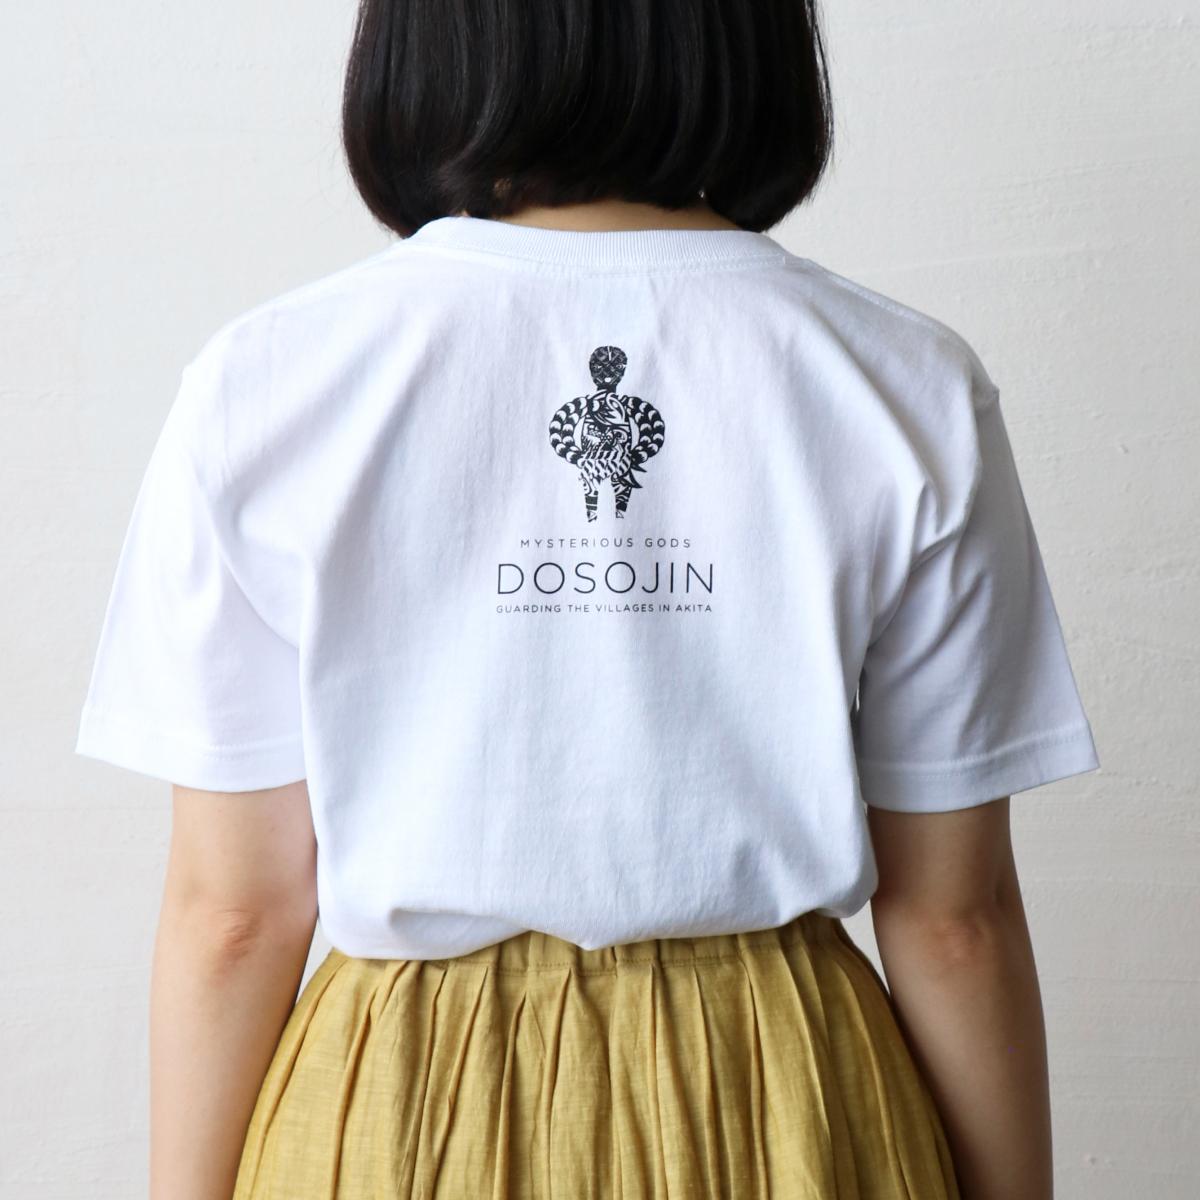 秋田人形道祖神 Tシャツ ナマハゲ ホワイト 背面